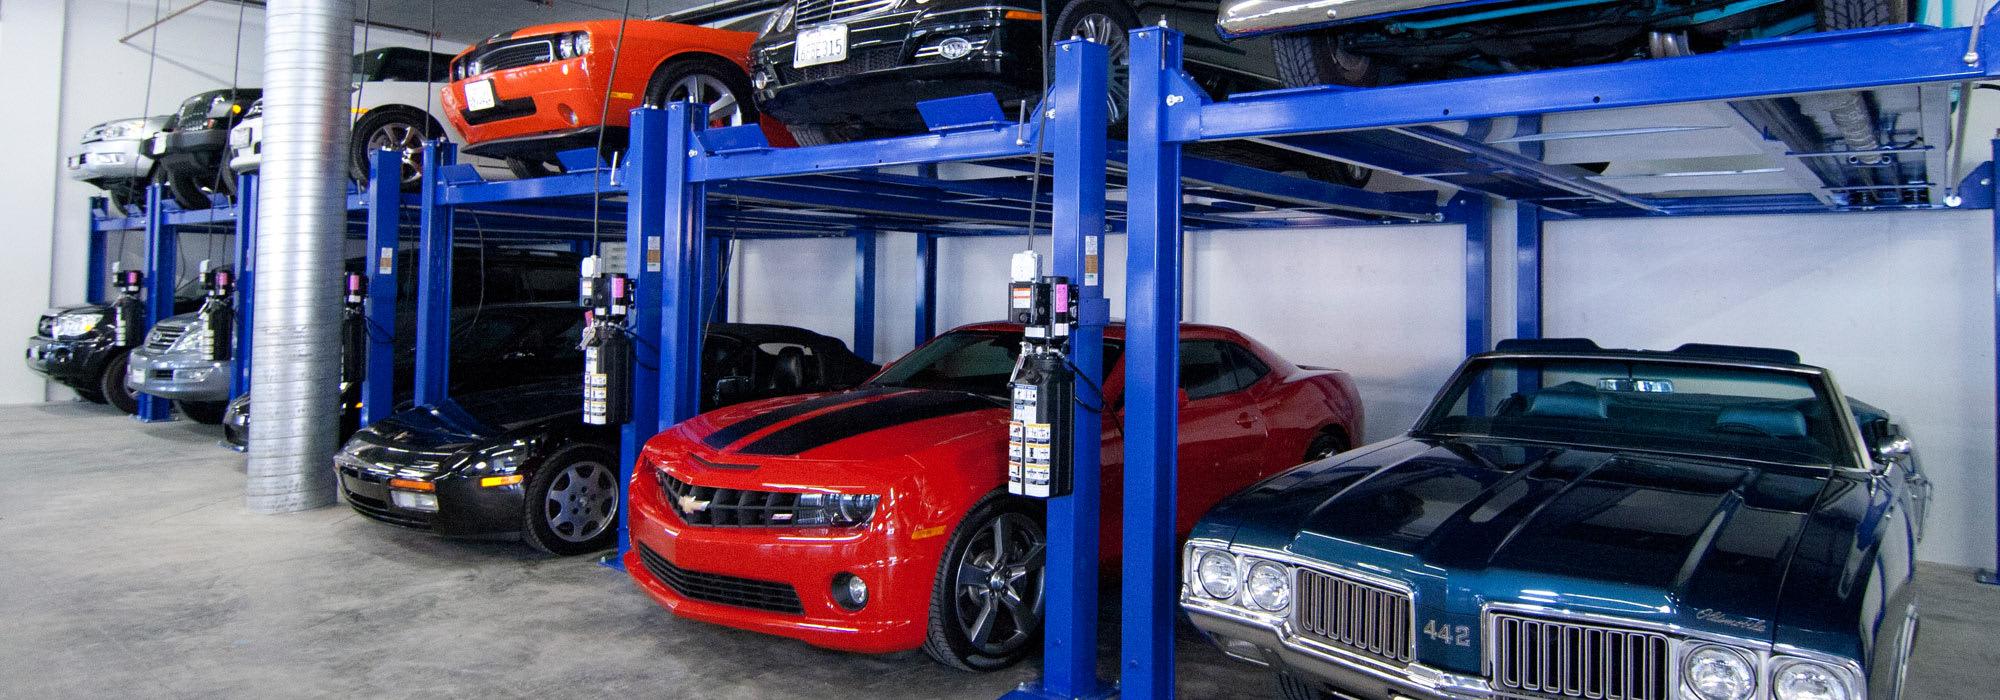 Car storage in San Diego CA